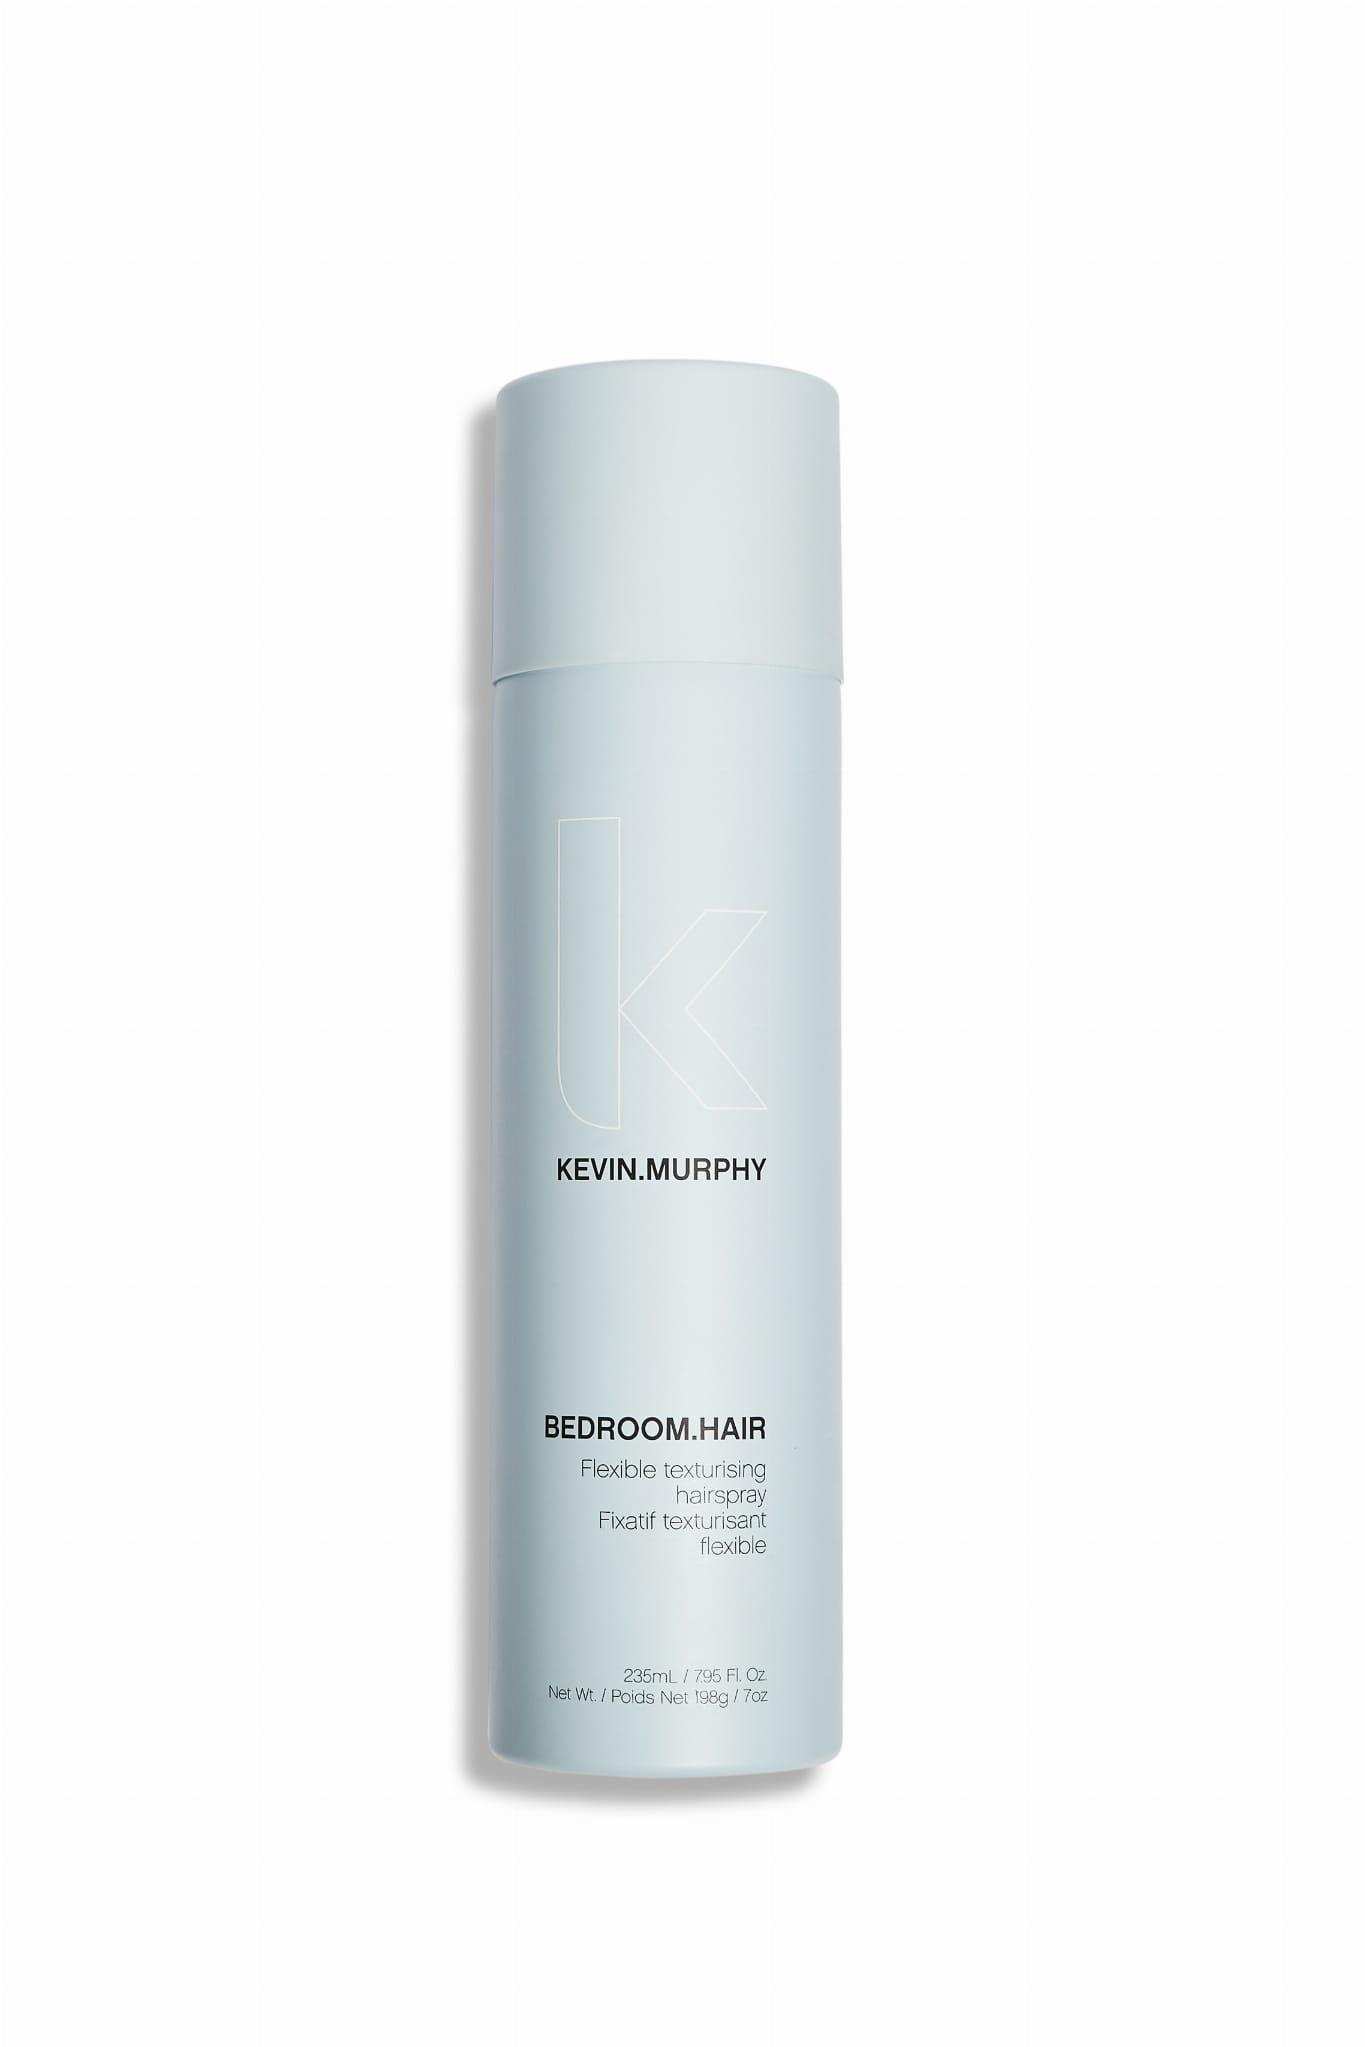 Kevin Murphy Bedroom.Hair - Elastyczny Sprej Nadający Teksturę 235ml